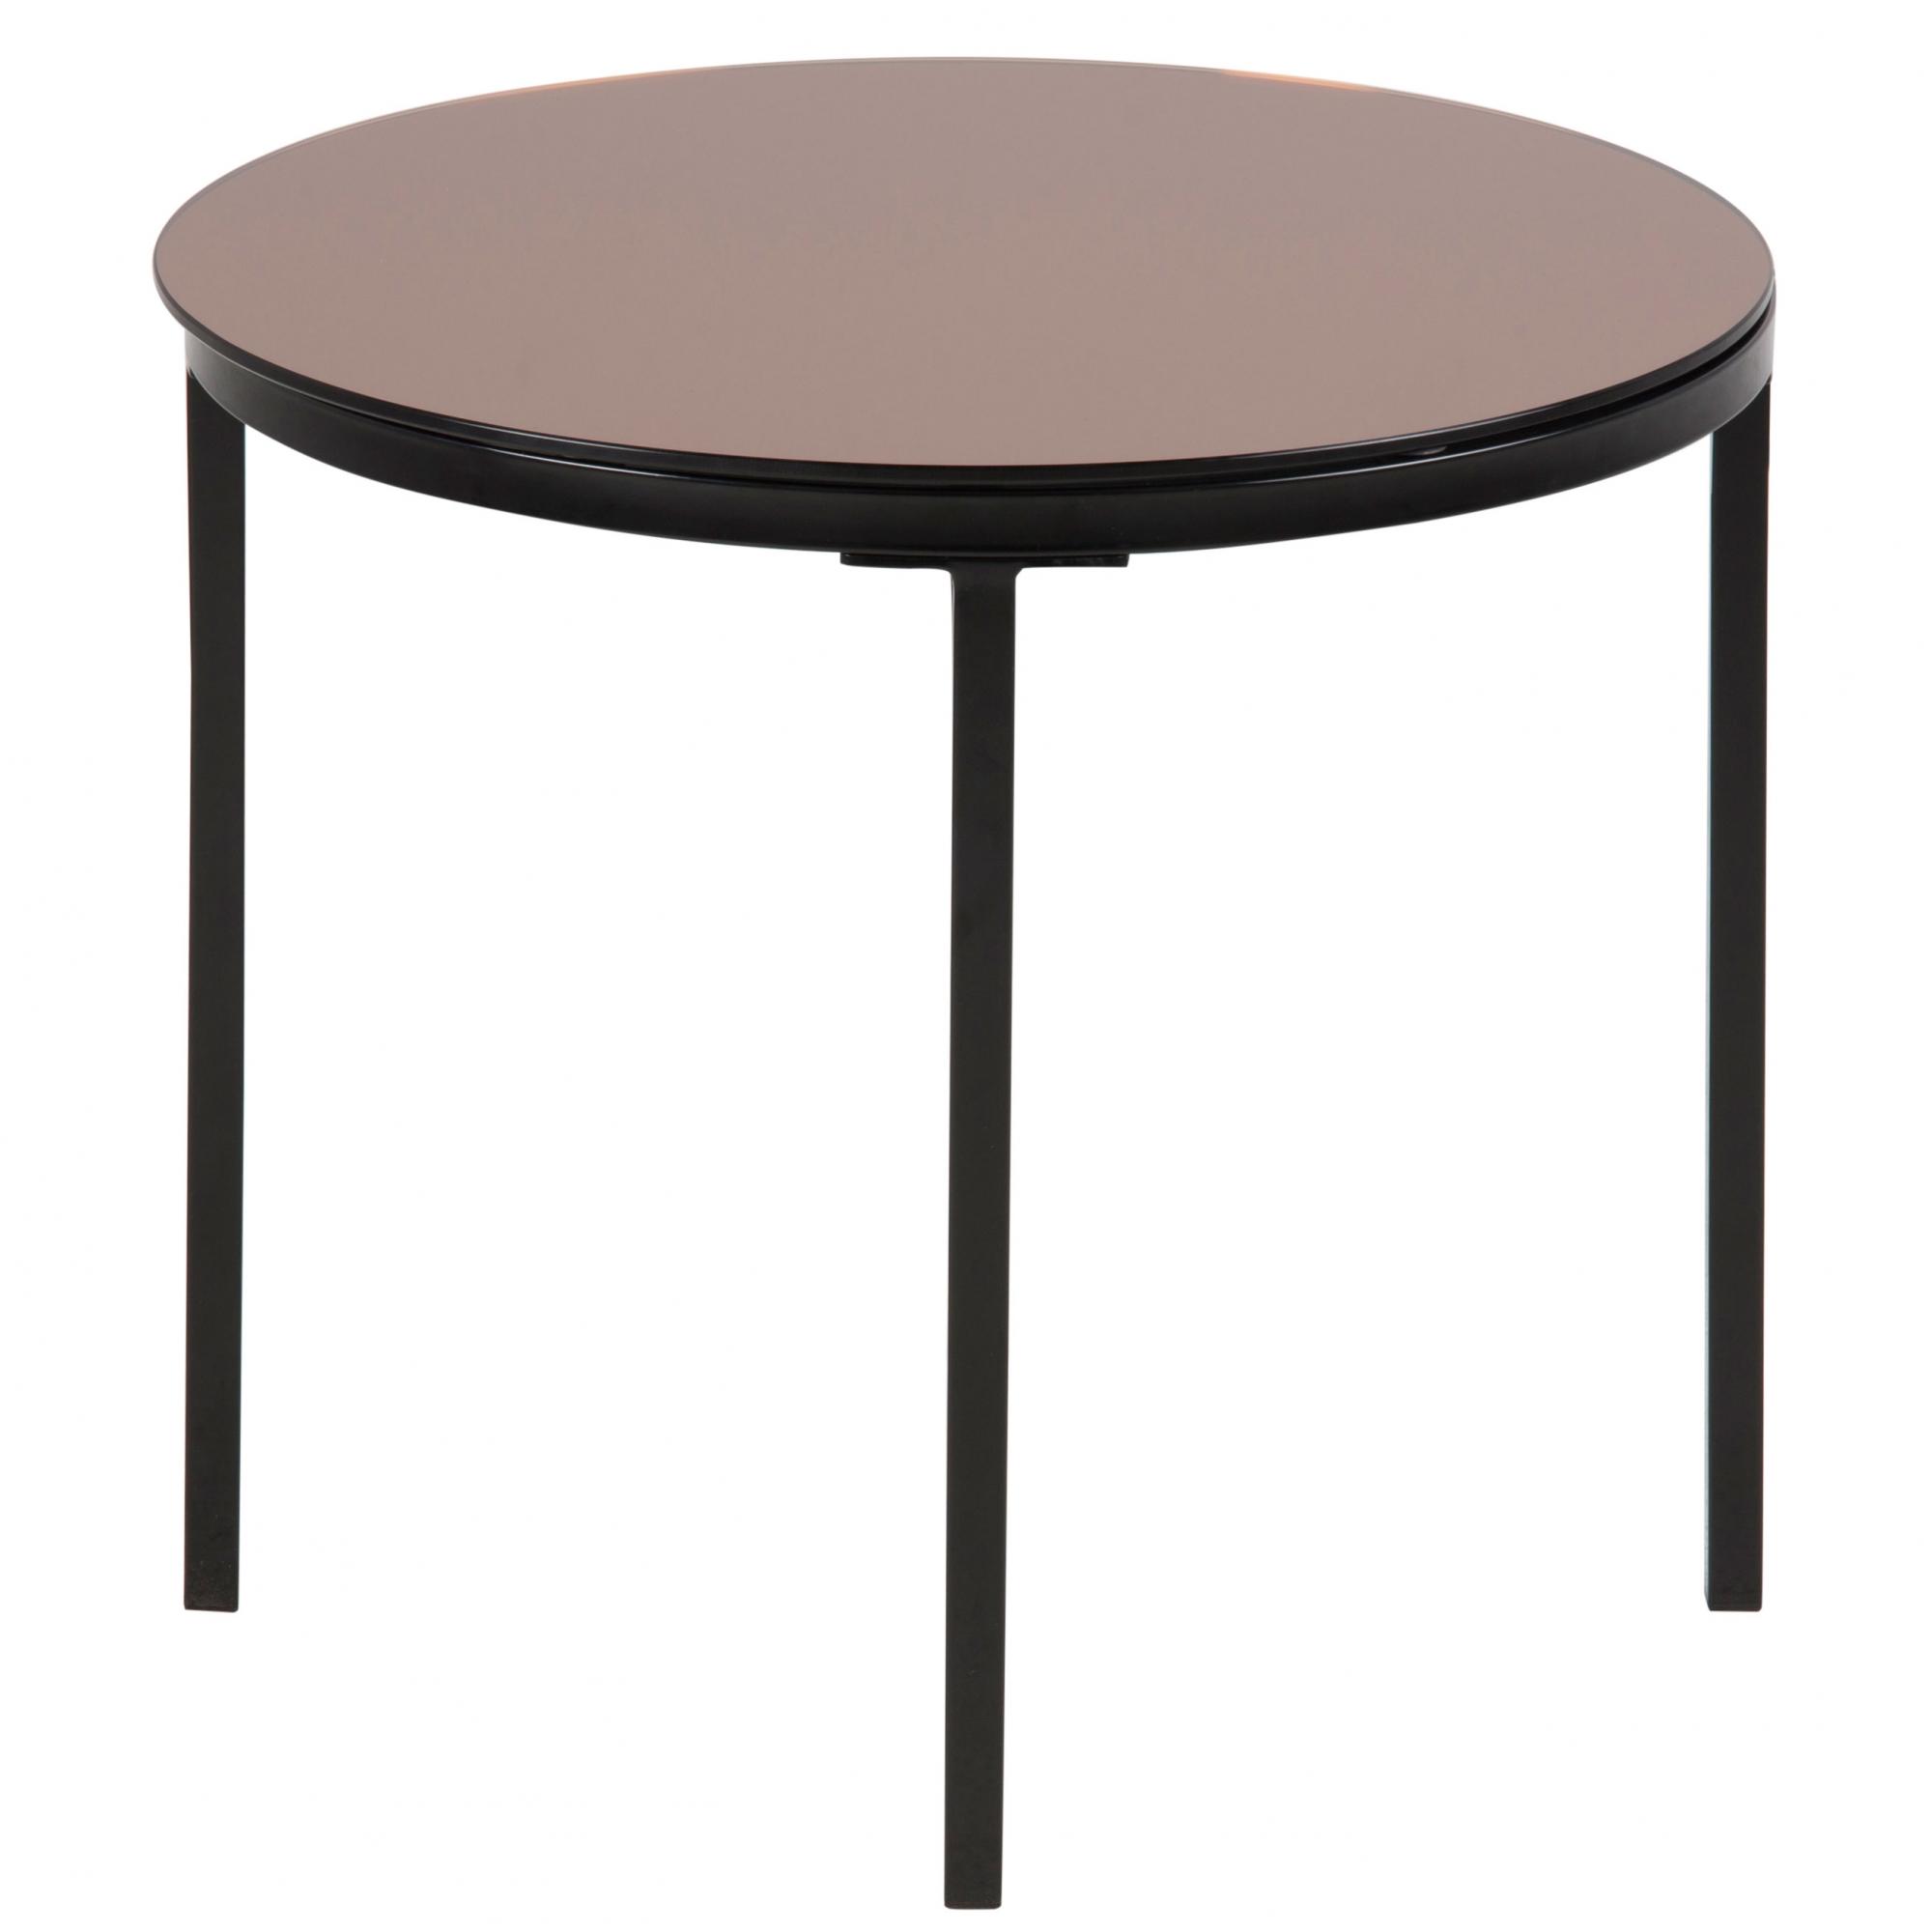 Konferenční / noční stolek skleněný Gira, 50 cm